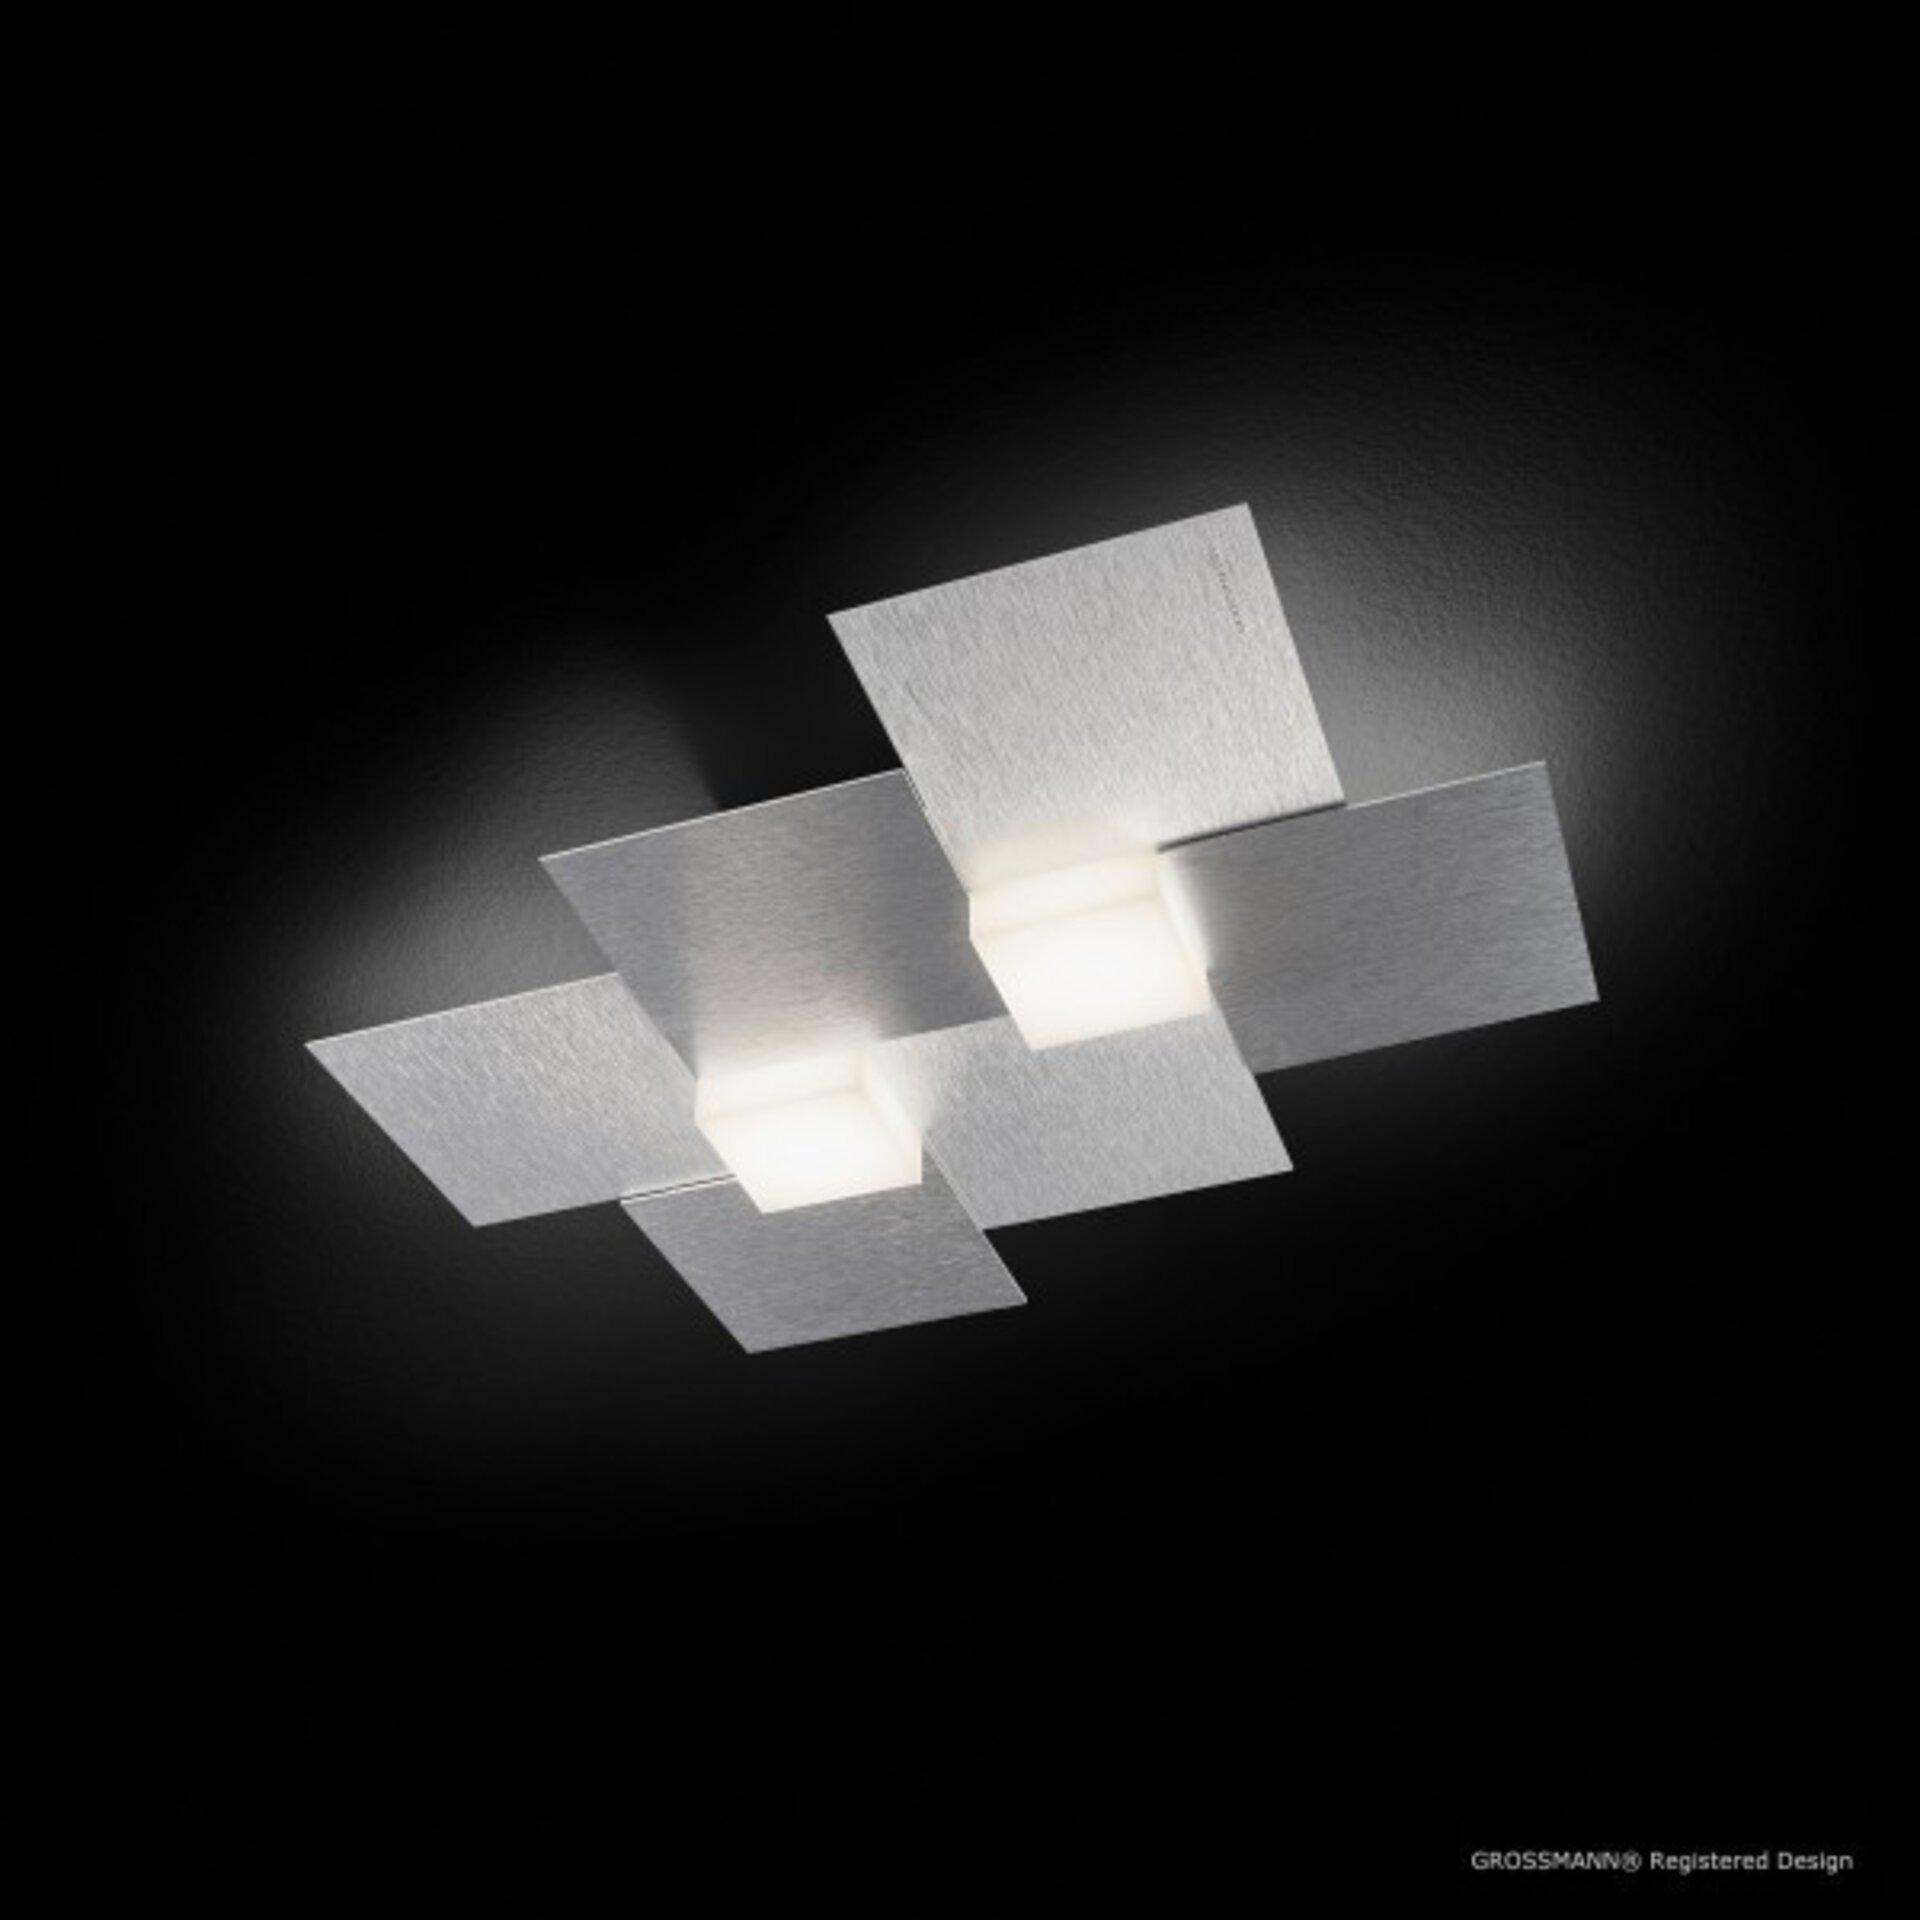 Deckenleuchte creo Grossmann Metall silber 33 x 5 x 39 cm